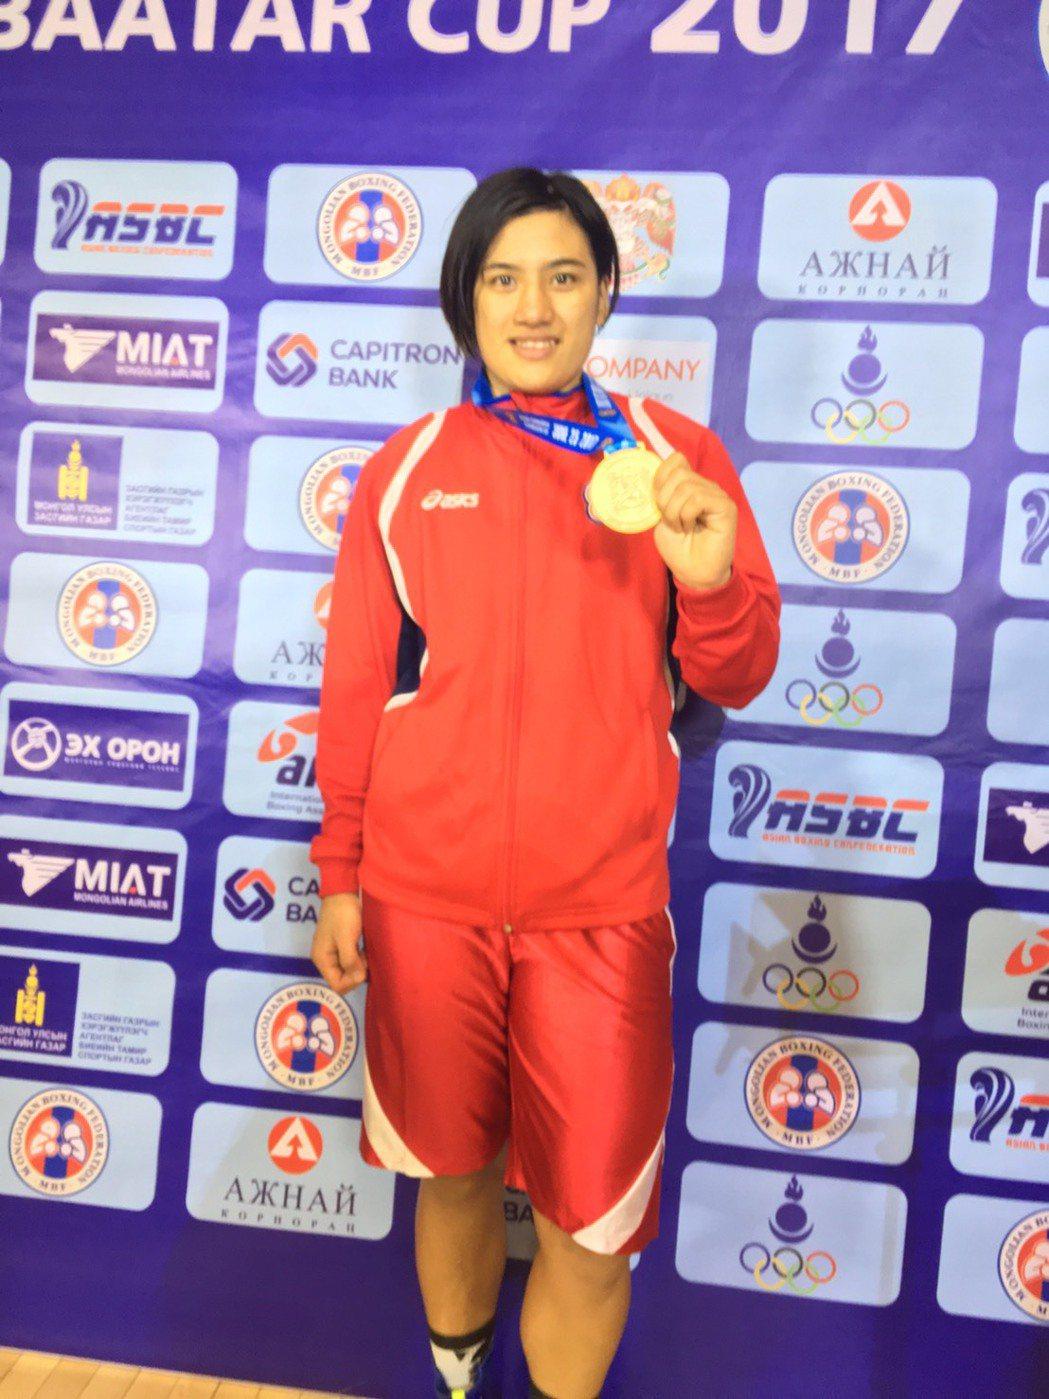 陳念琴參加蒙古烏蘭巴托盃國際拳擊賽,奪下金牌。圖/新竹市政府提供